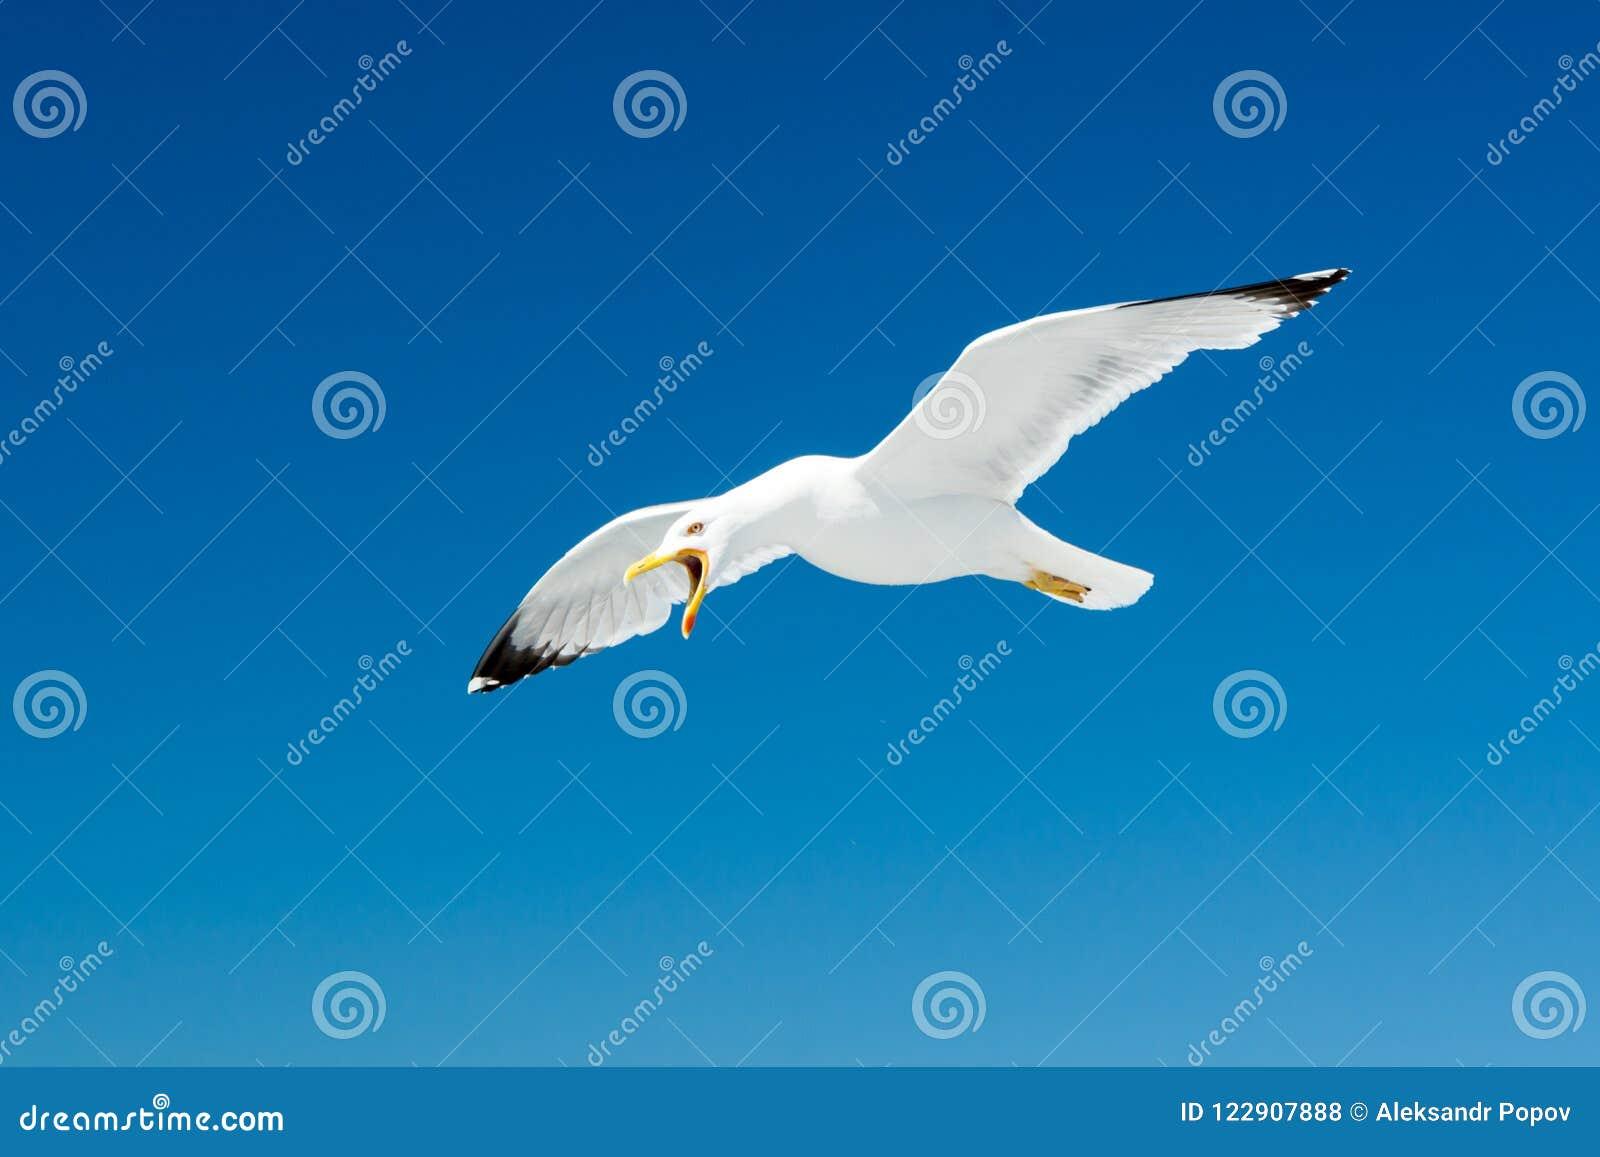 Чайка с открытым клювом